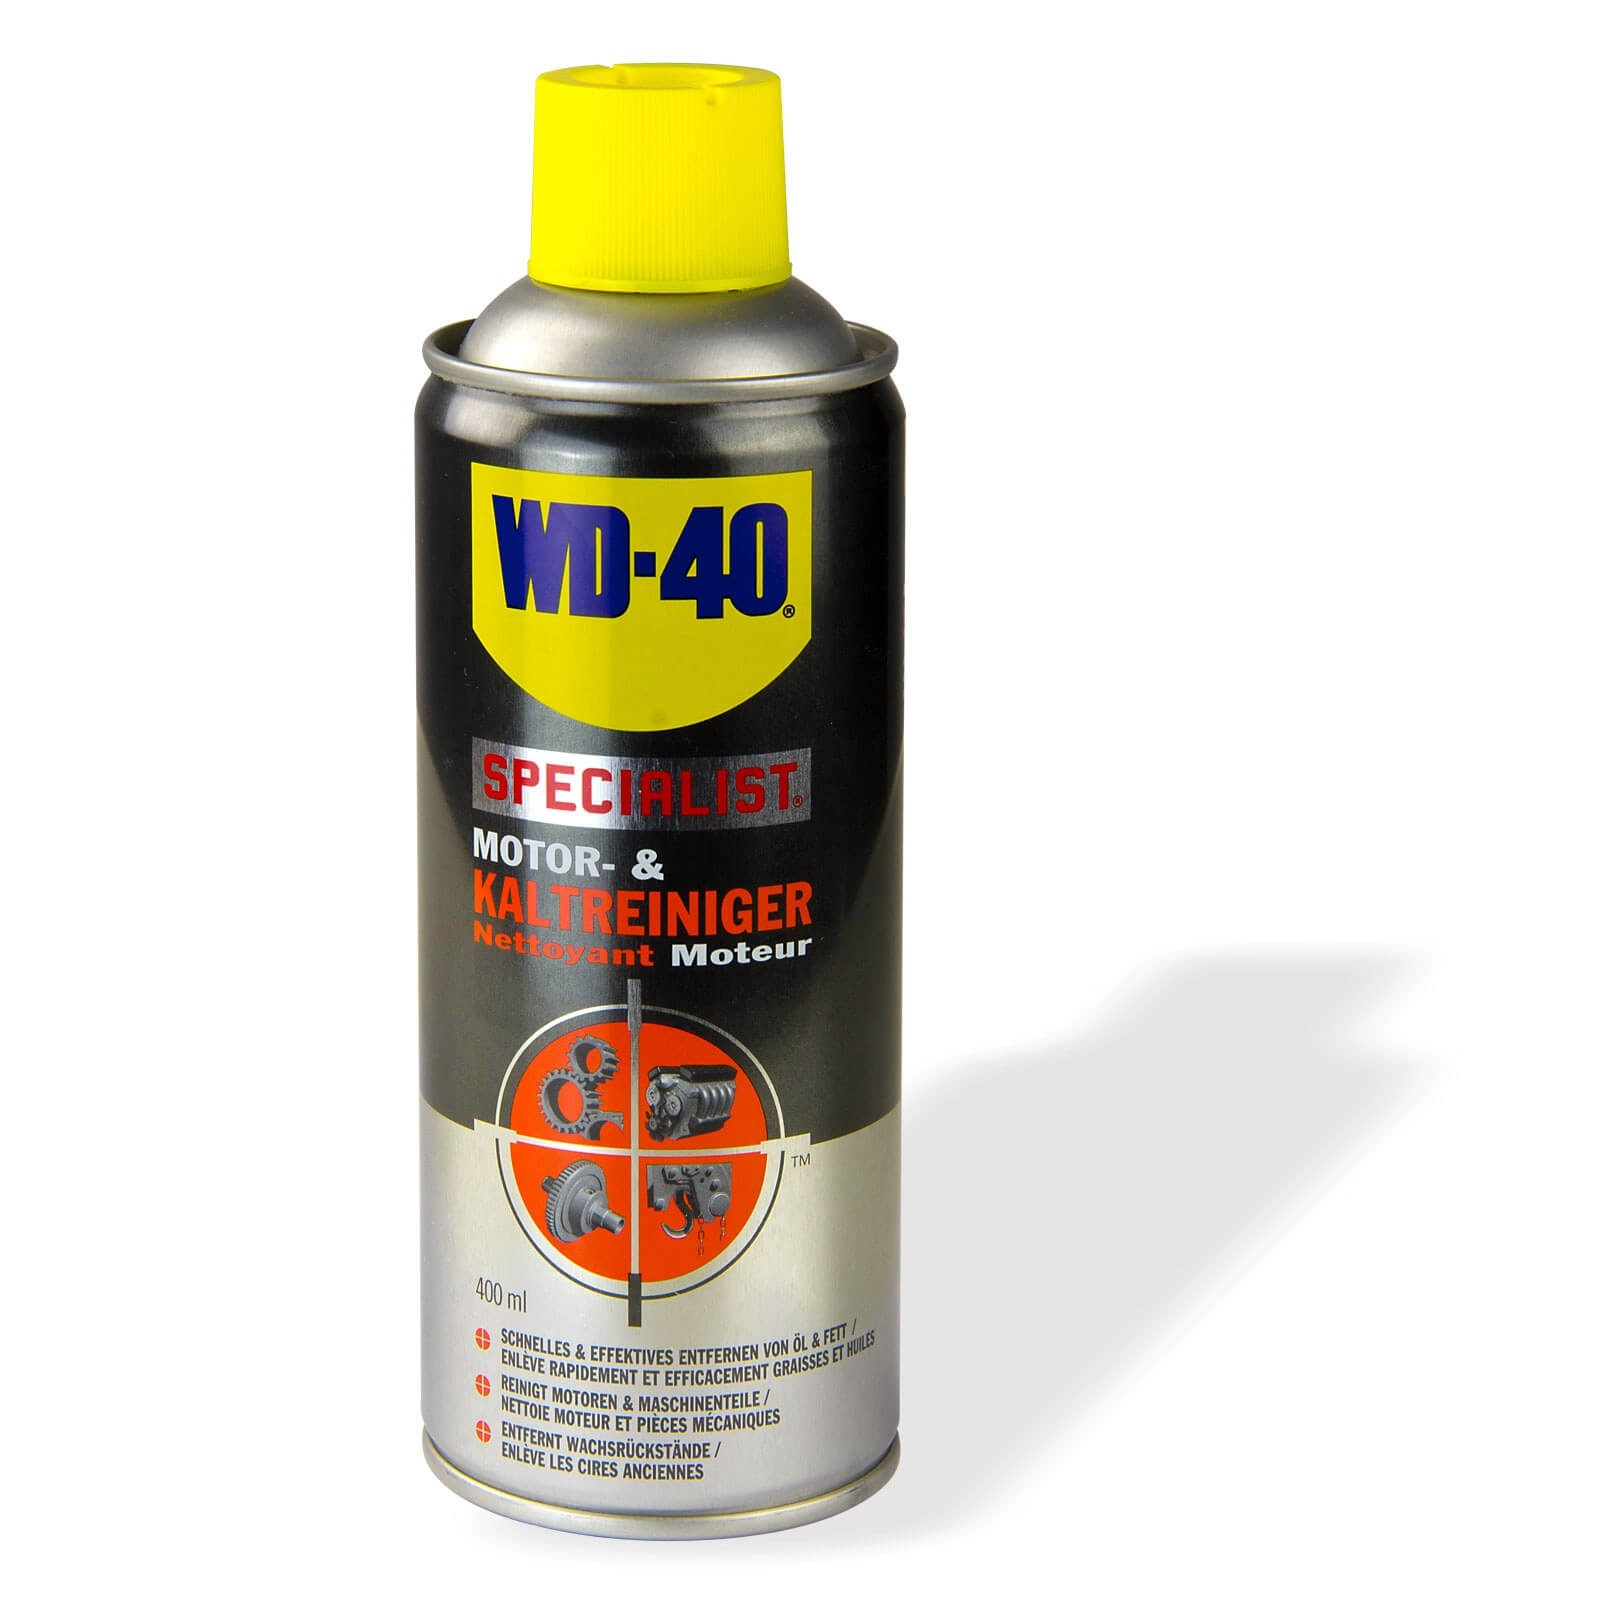 WD-40 Motorreiniger & Kaltreiniger 400 ml 21187